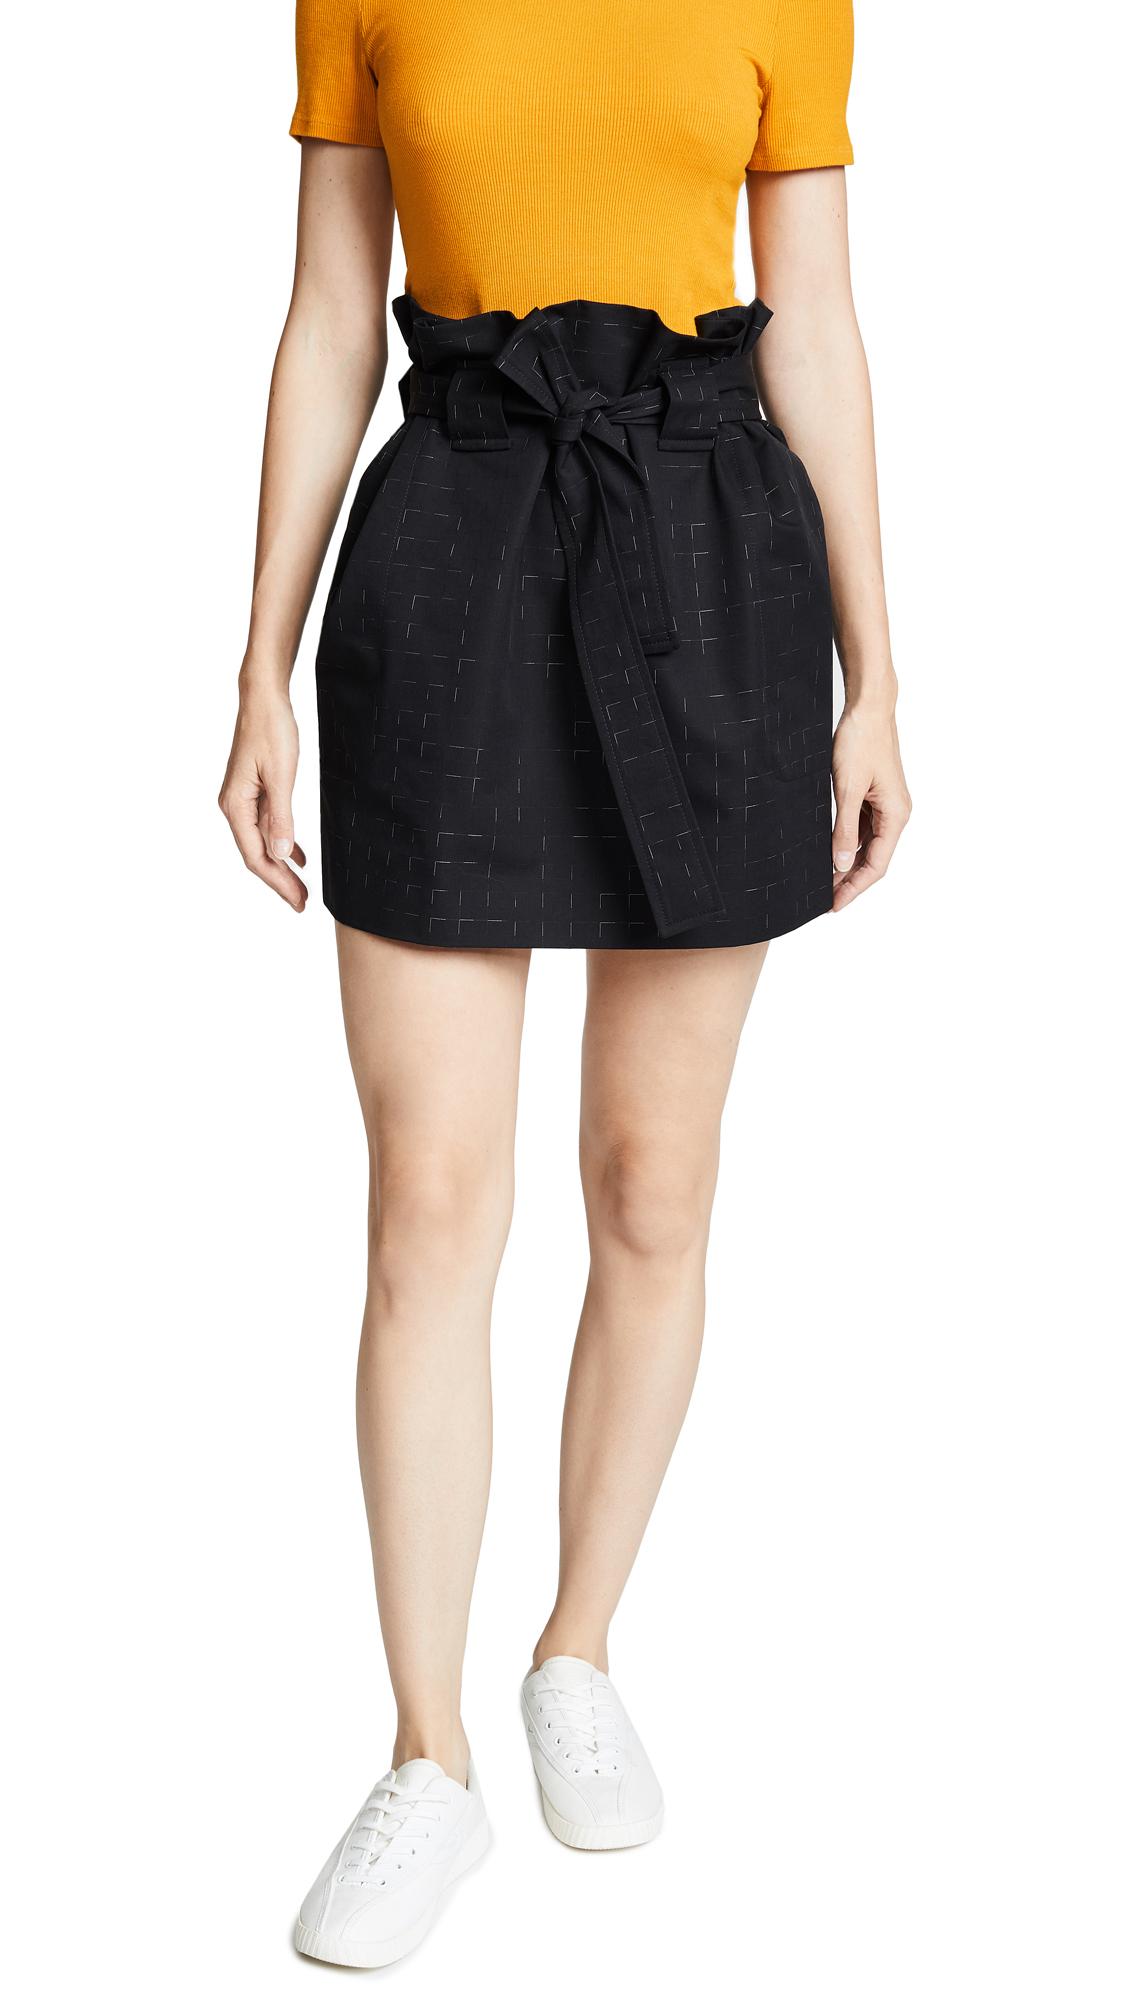 Maison Kitsune Elsa Knotted Skirt In Black Check